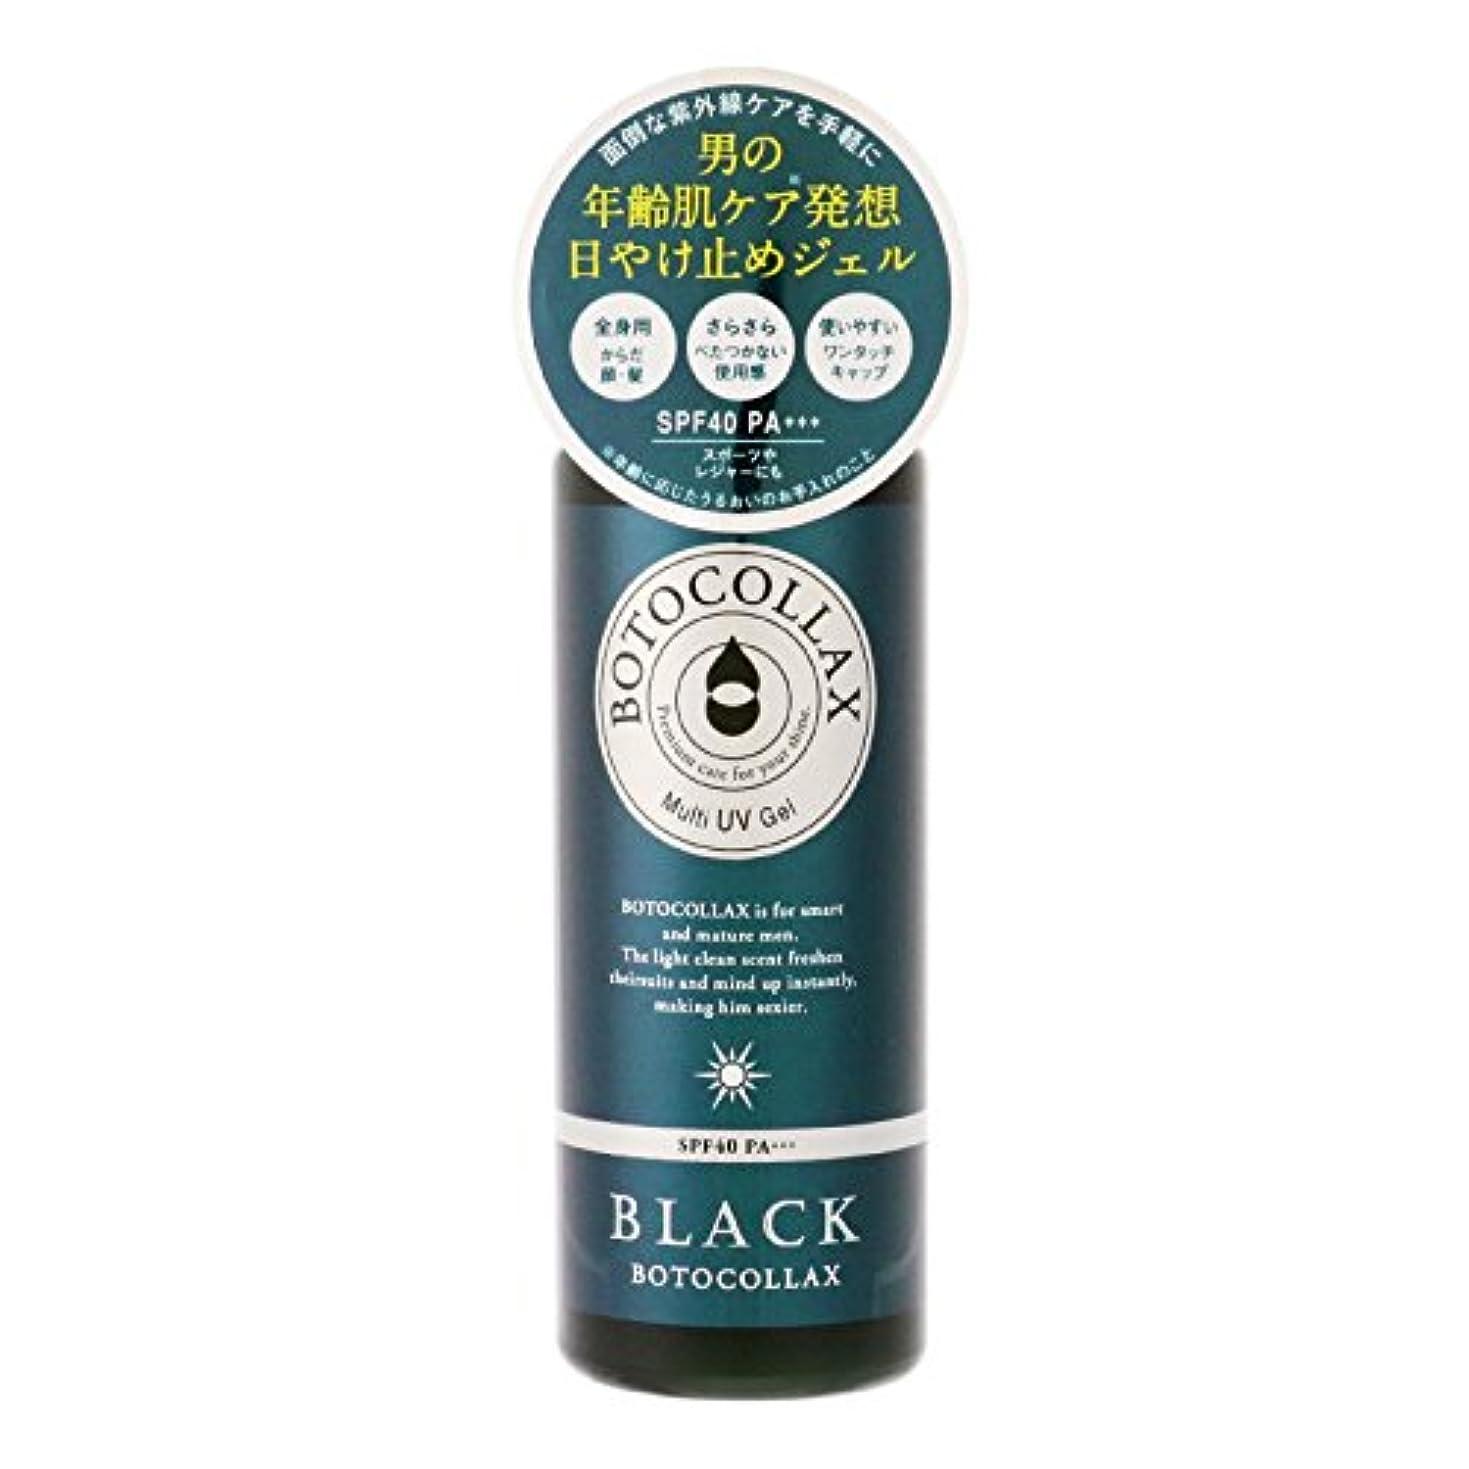 下位霊サンダーボトコラックスブラック オーシャン マルチUVジェル ベルガモットグリーンの香り 70g